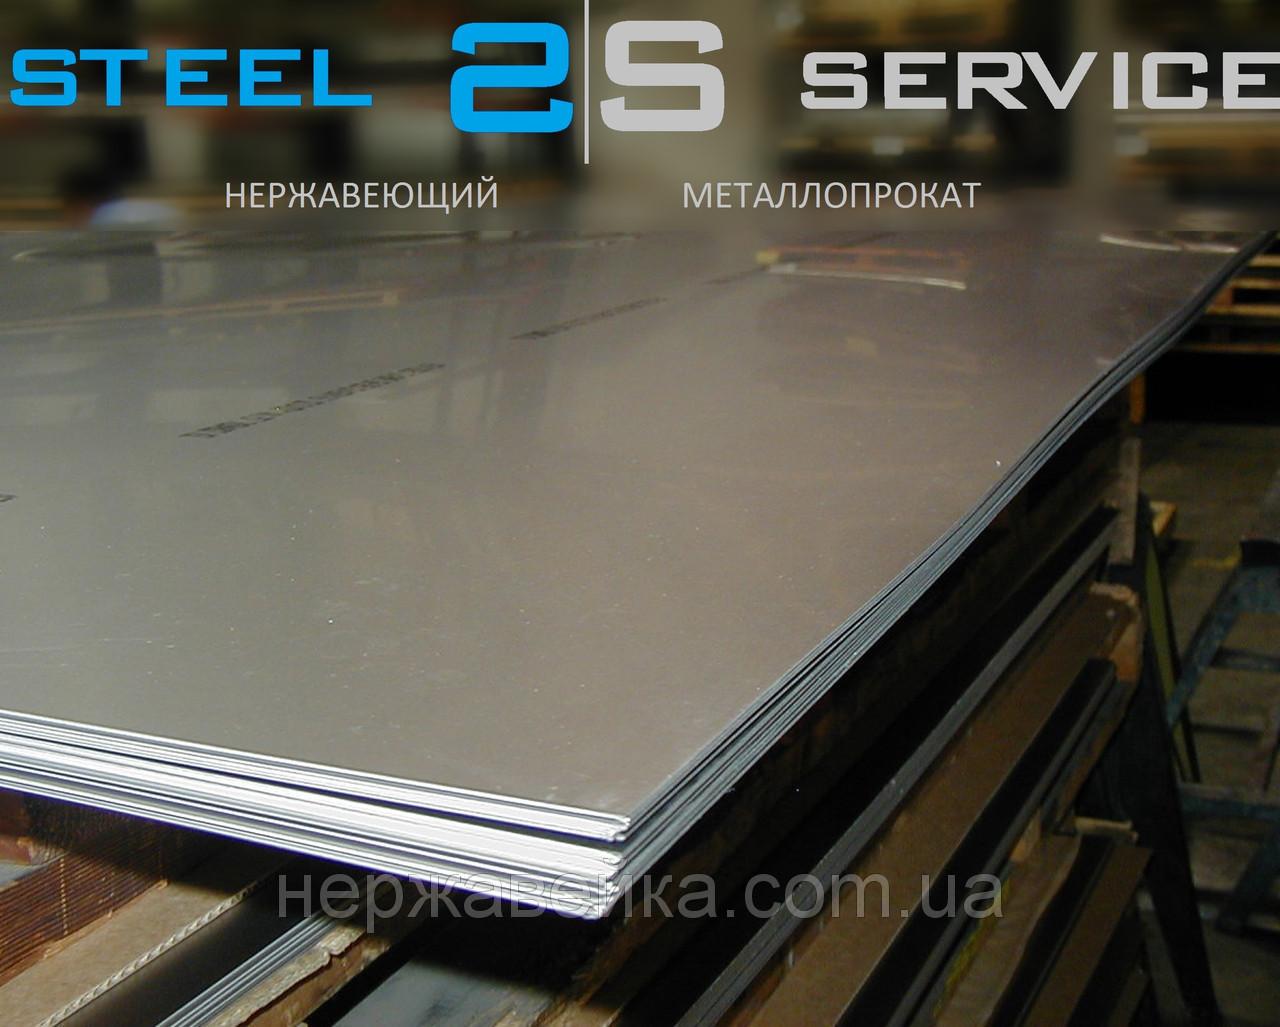 Нержавеющий лист 20х1500х3000мм  AISI 310(20Х23Н18) F1 - горячекатанный,  жаропрочный